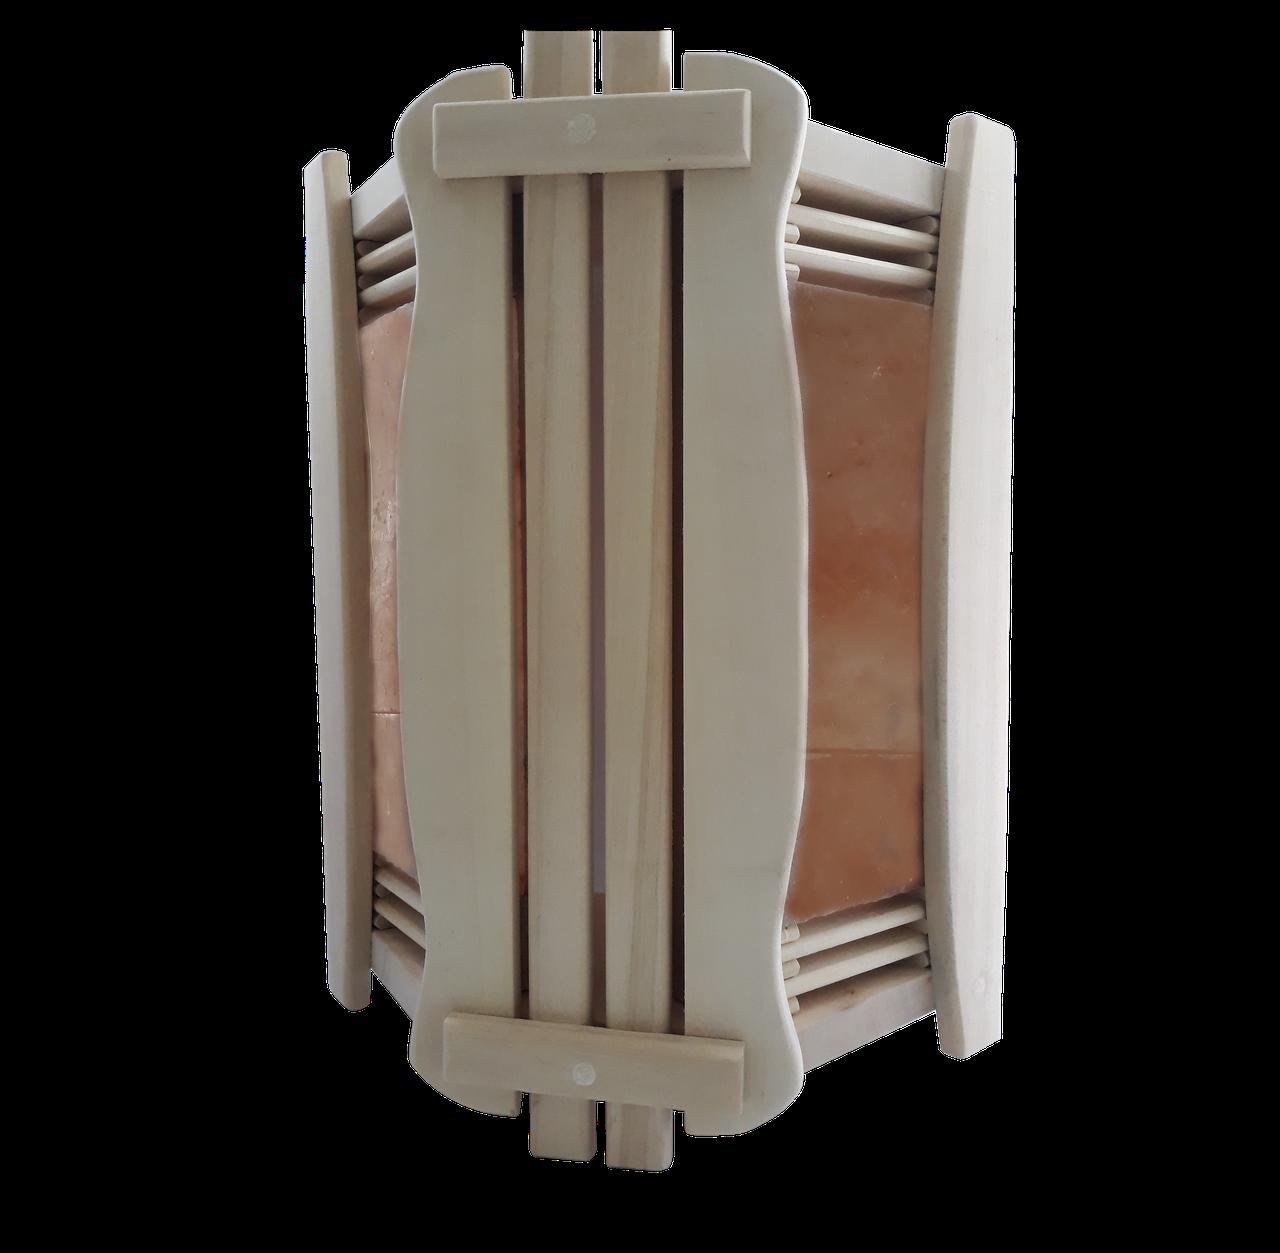 Ограждение светильника угловое GREUS с гималайской солью 2 плитки для бани и сауны